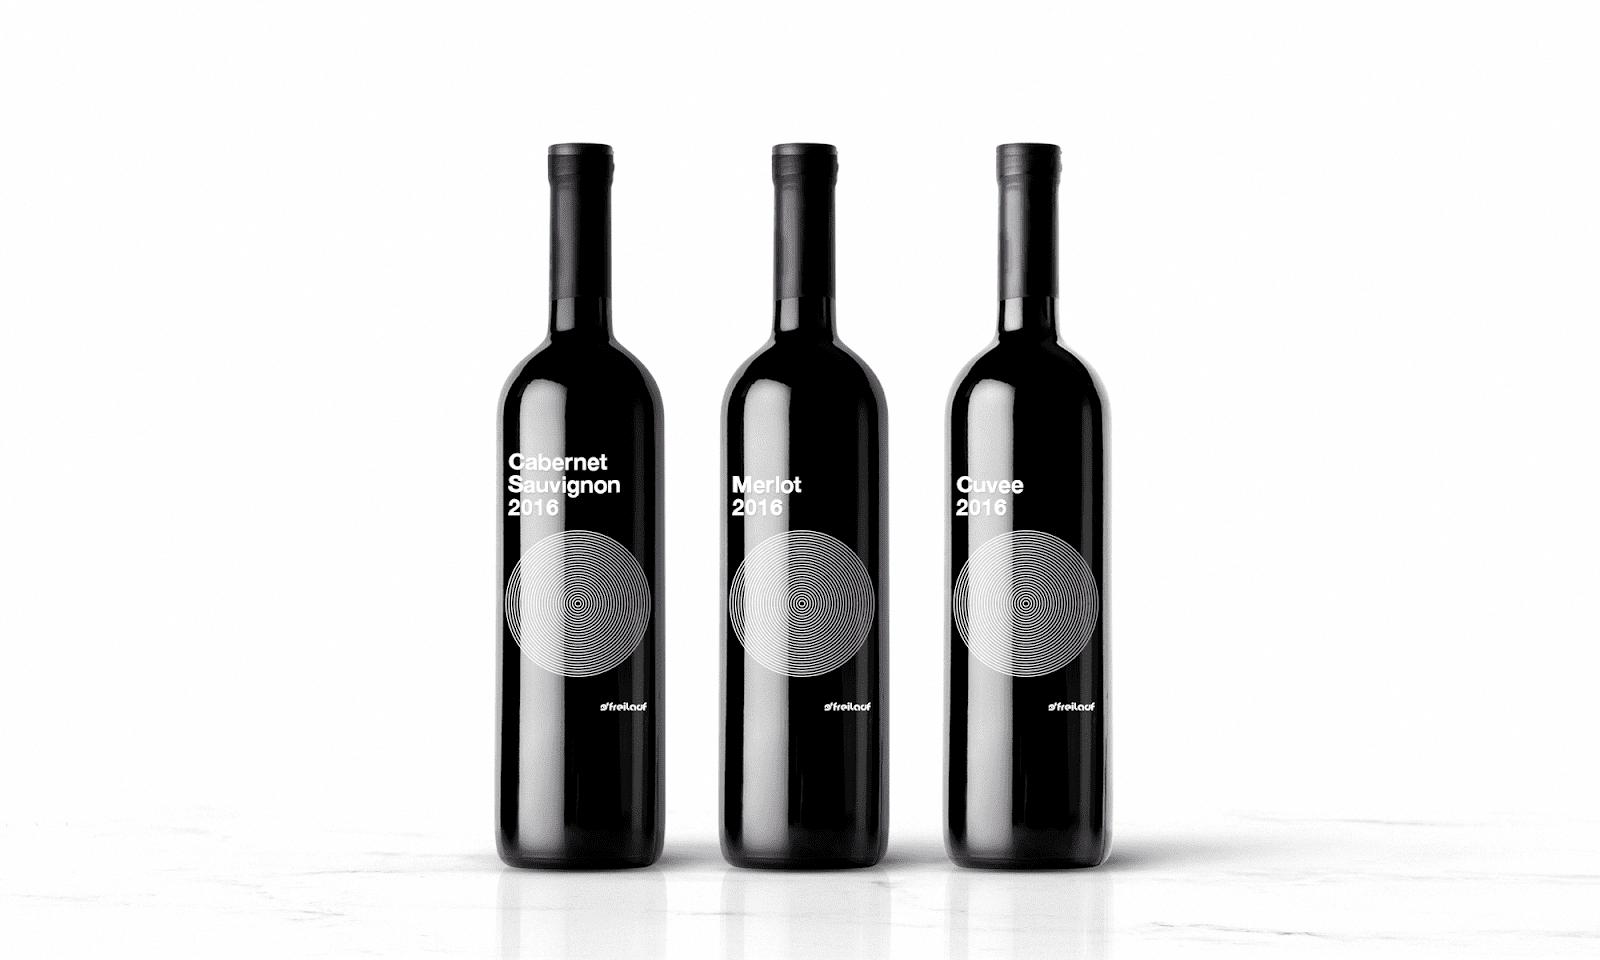 Freilauf Wines 2 - Ach, tie obaly – Freilauf Wines